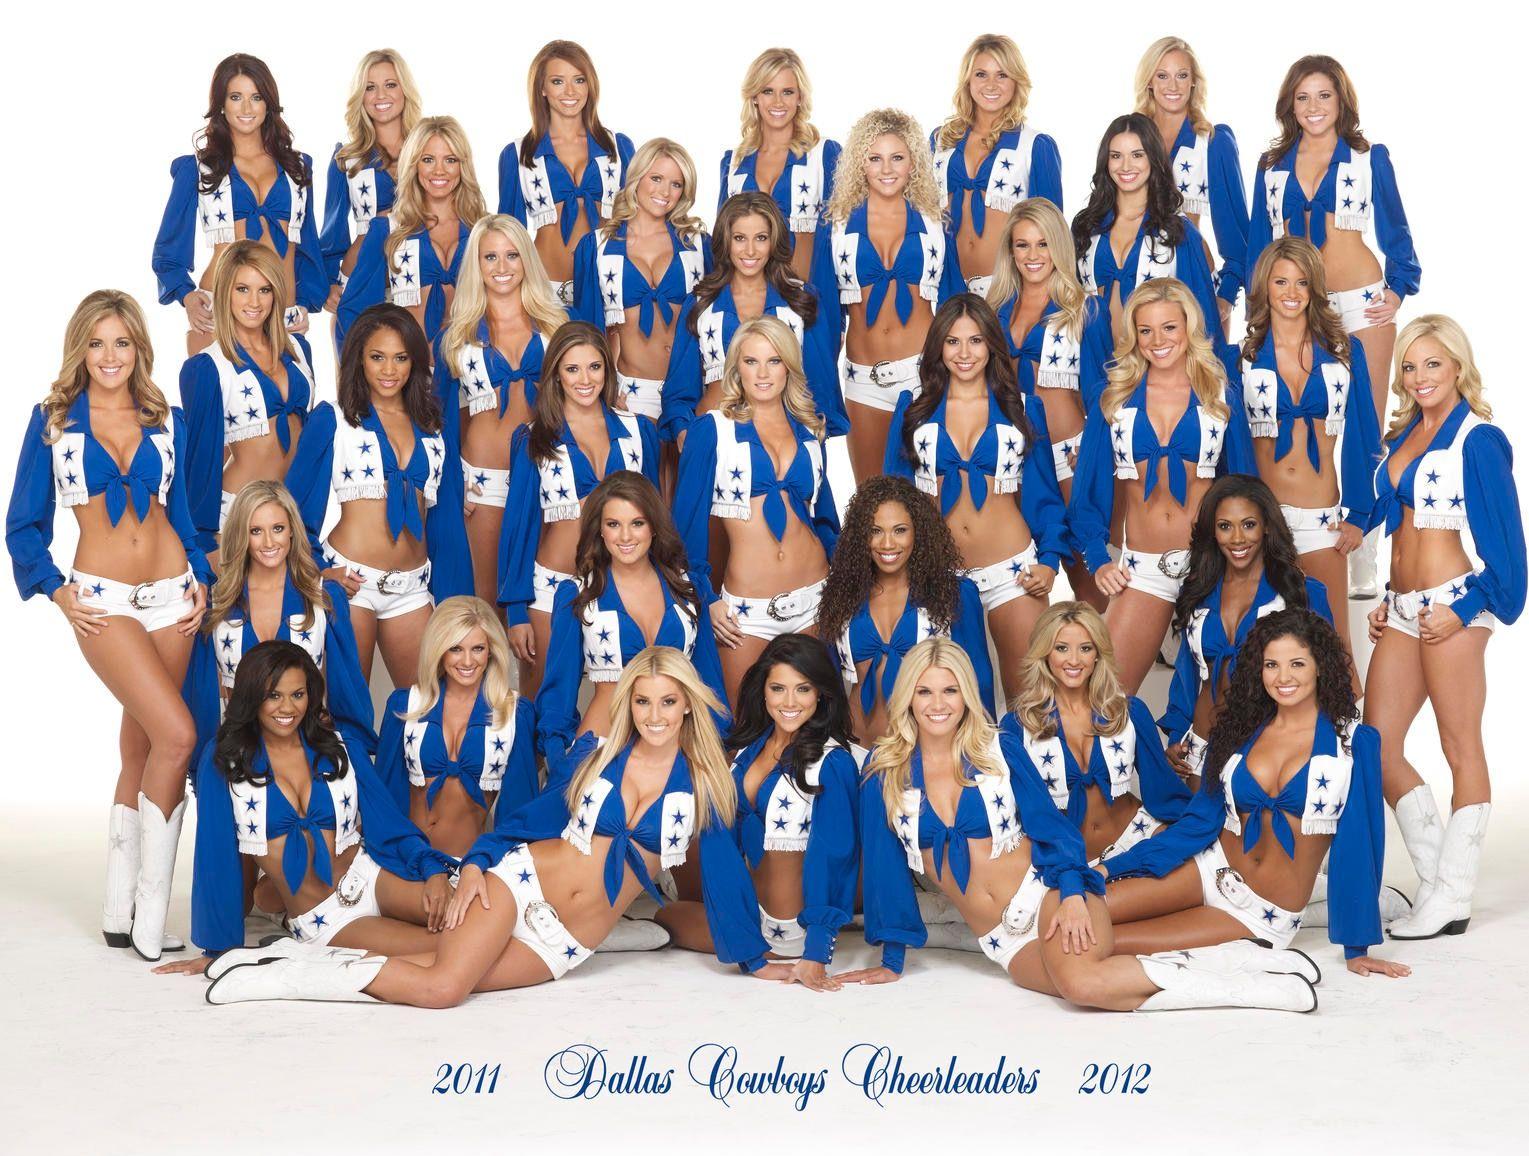 dallas cowboys cheerleaders 2011 2012 a pinterest